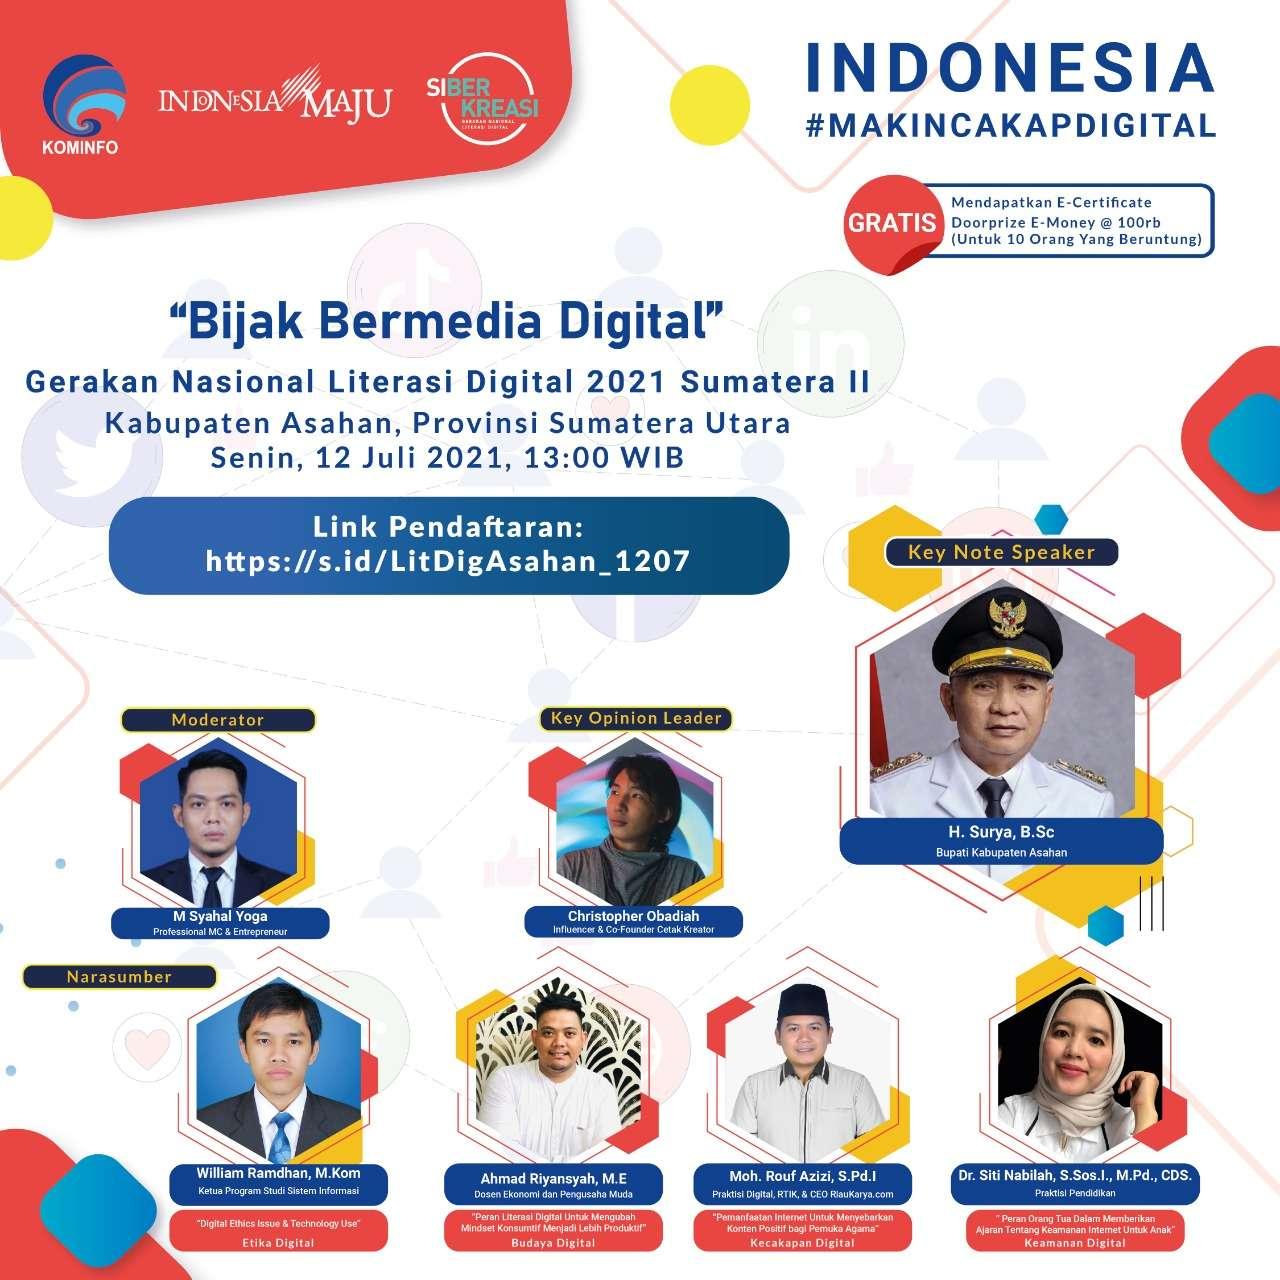 Gerakan Nasional Literasi Digital 2021 Kabupaten Asahan Dengan Tema Bijak Bermedia Digital